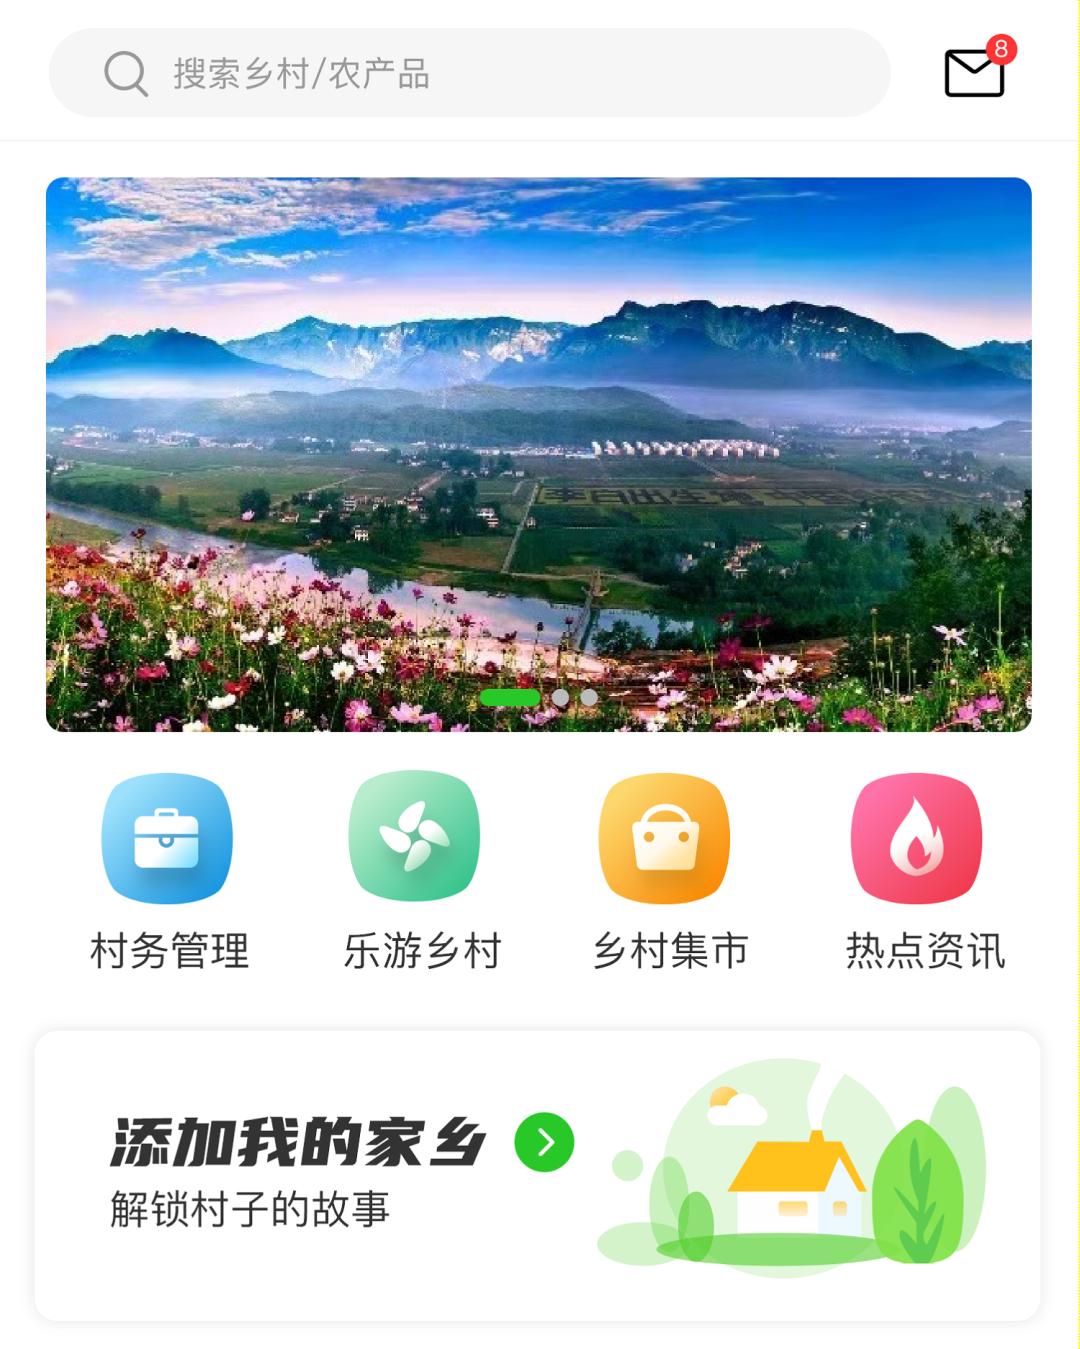 2021,川味中国 | 凝聚嘉彰 ,共创辉煌(图5)